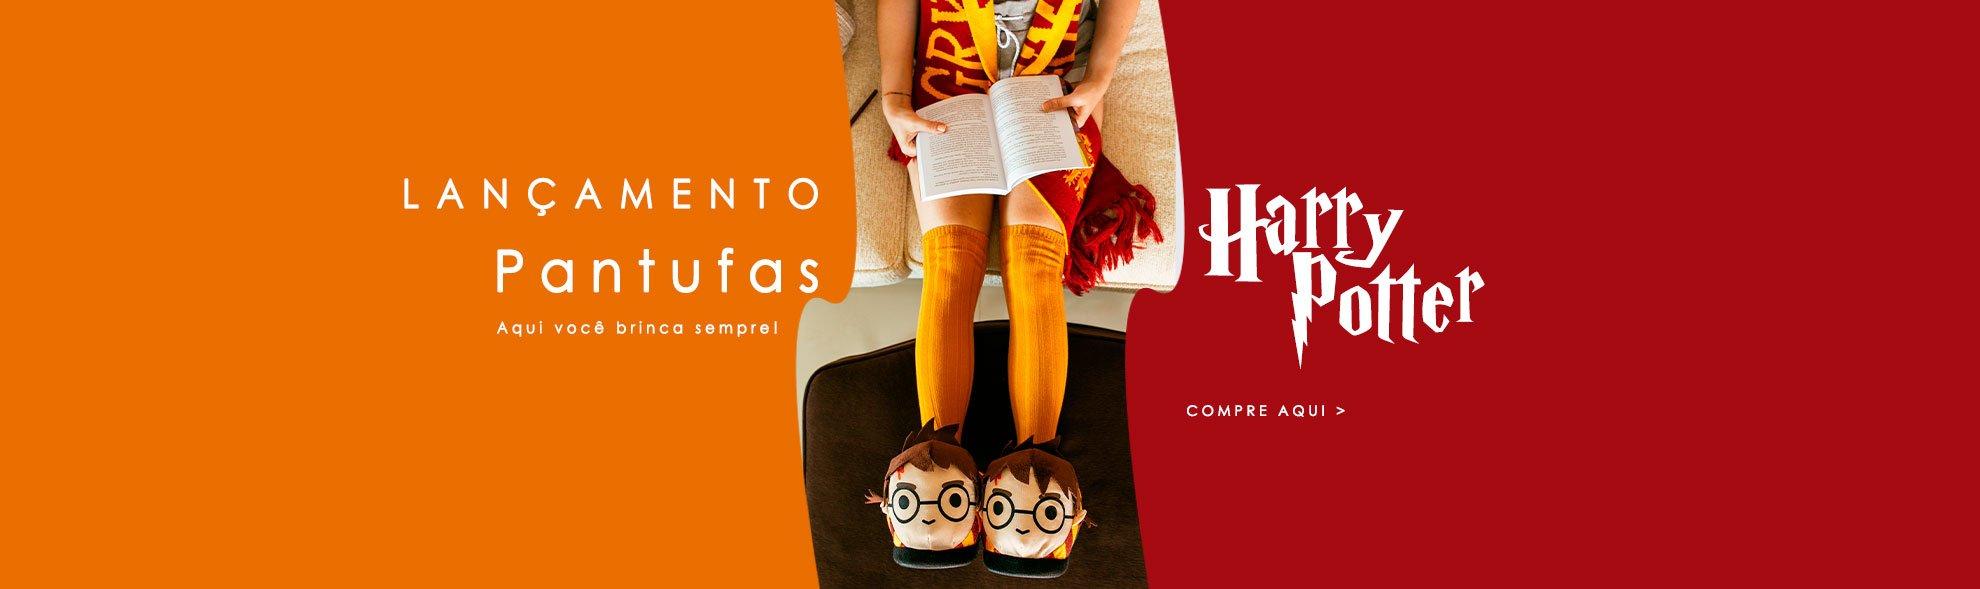 pantufa HP